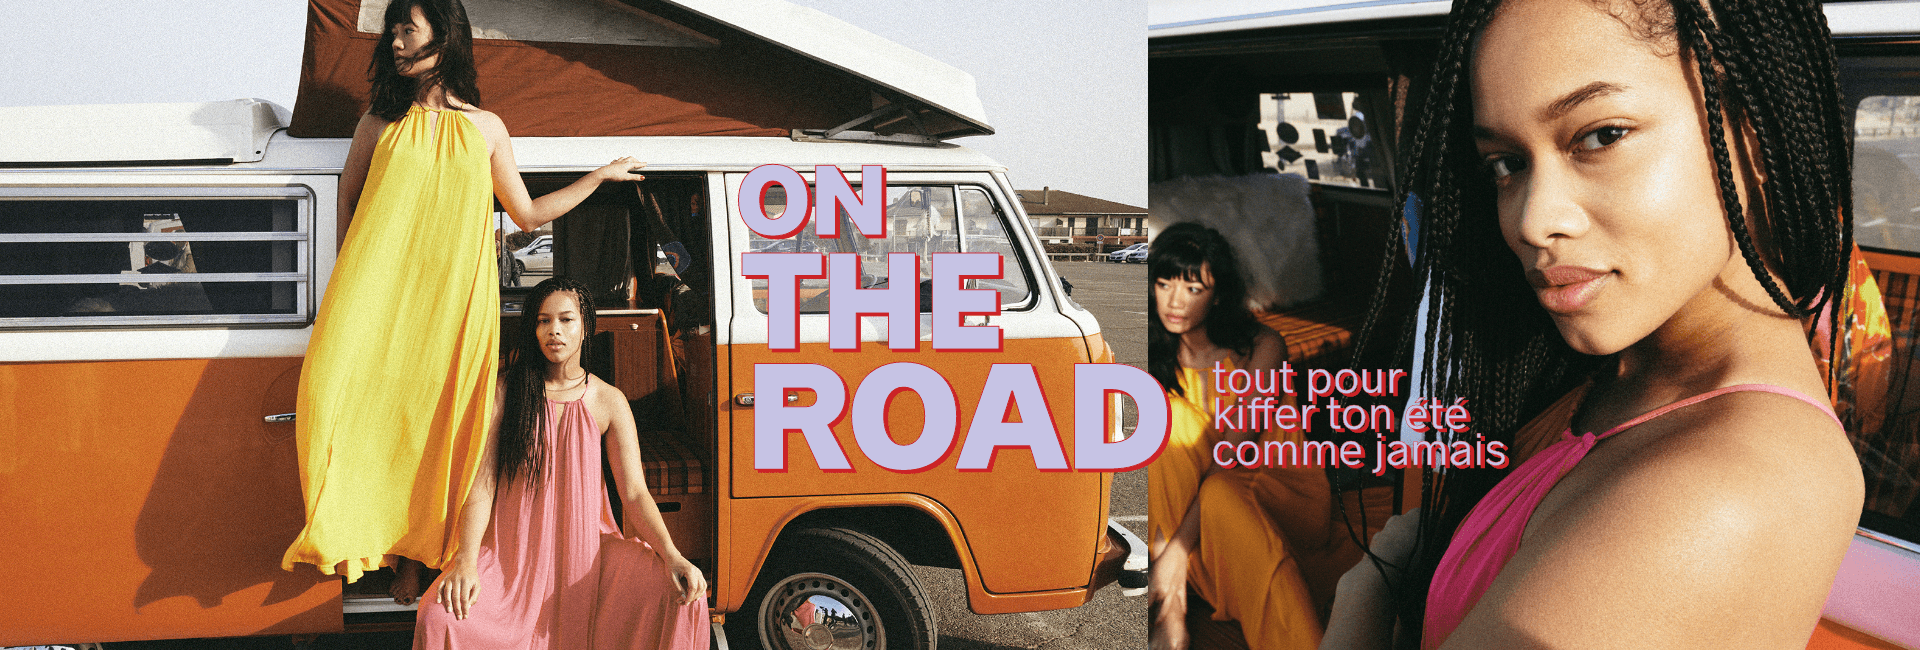 On the road - tout pour kiffer ton été comme jamais - Pimkie